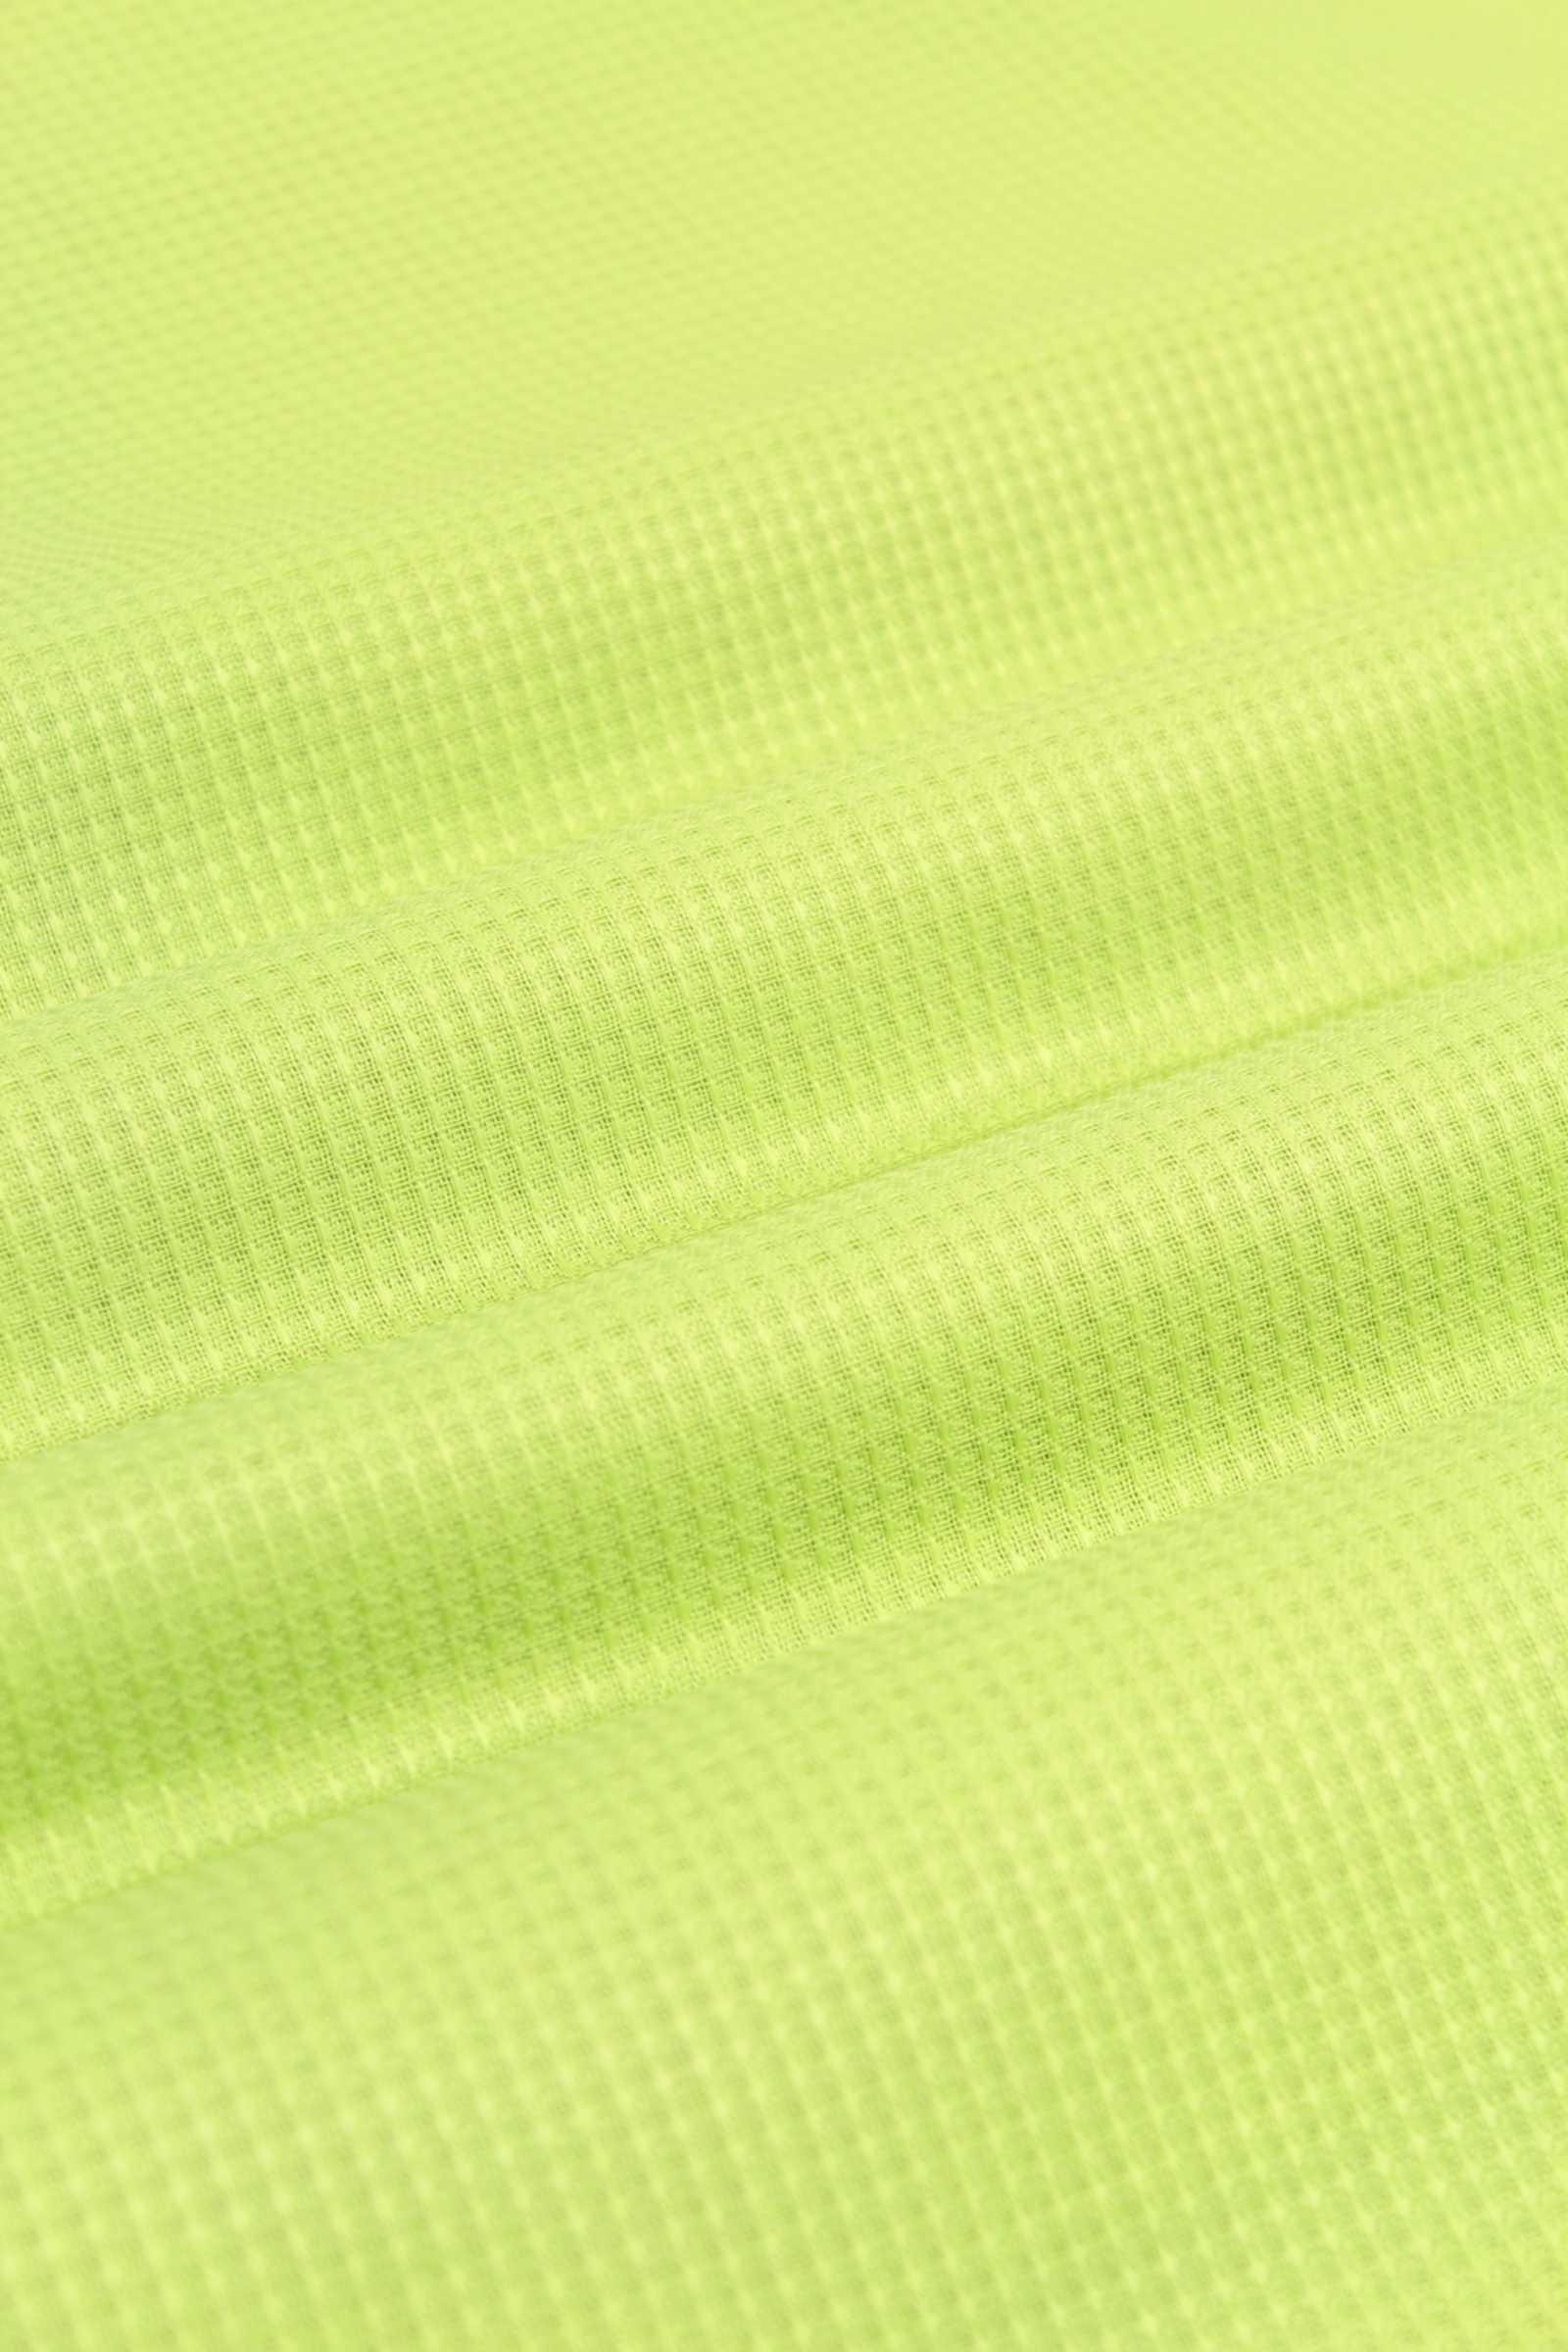 Vafeļu aud. 100% kokvilna, bl.260g/m², pl.150cm, paradīzes zaļš. Cena norādīta ar PVN (21%) par rulli- 20m. Bezmaksas piegāde